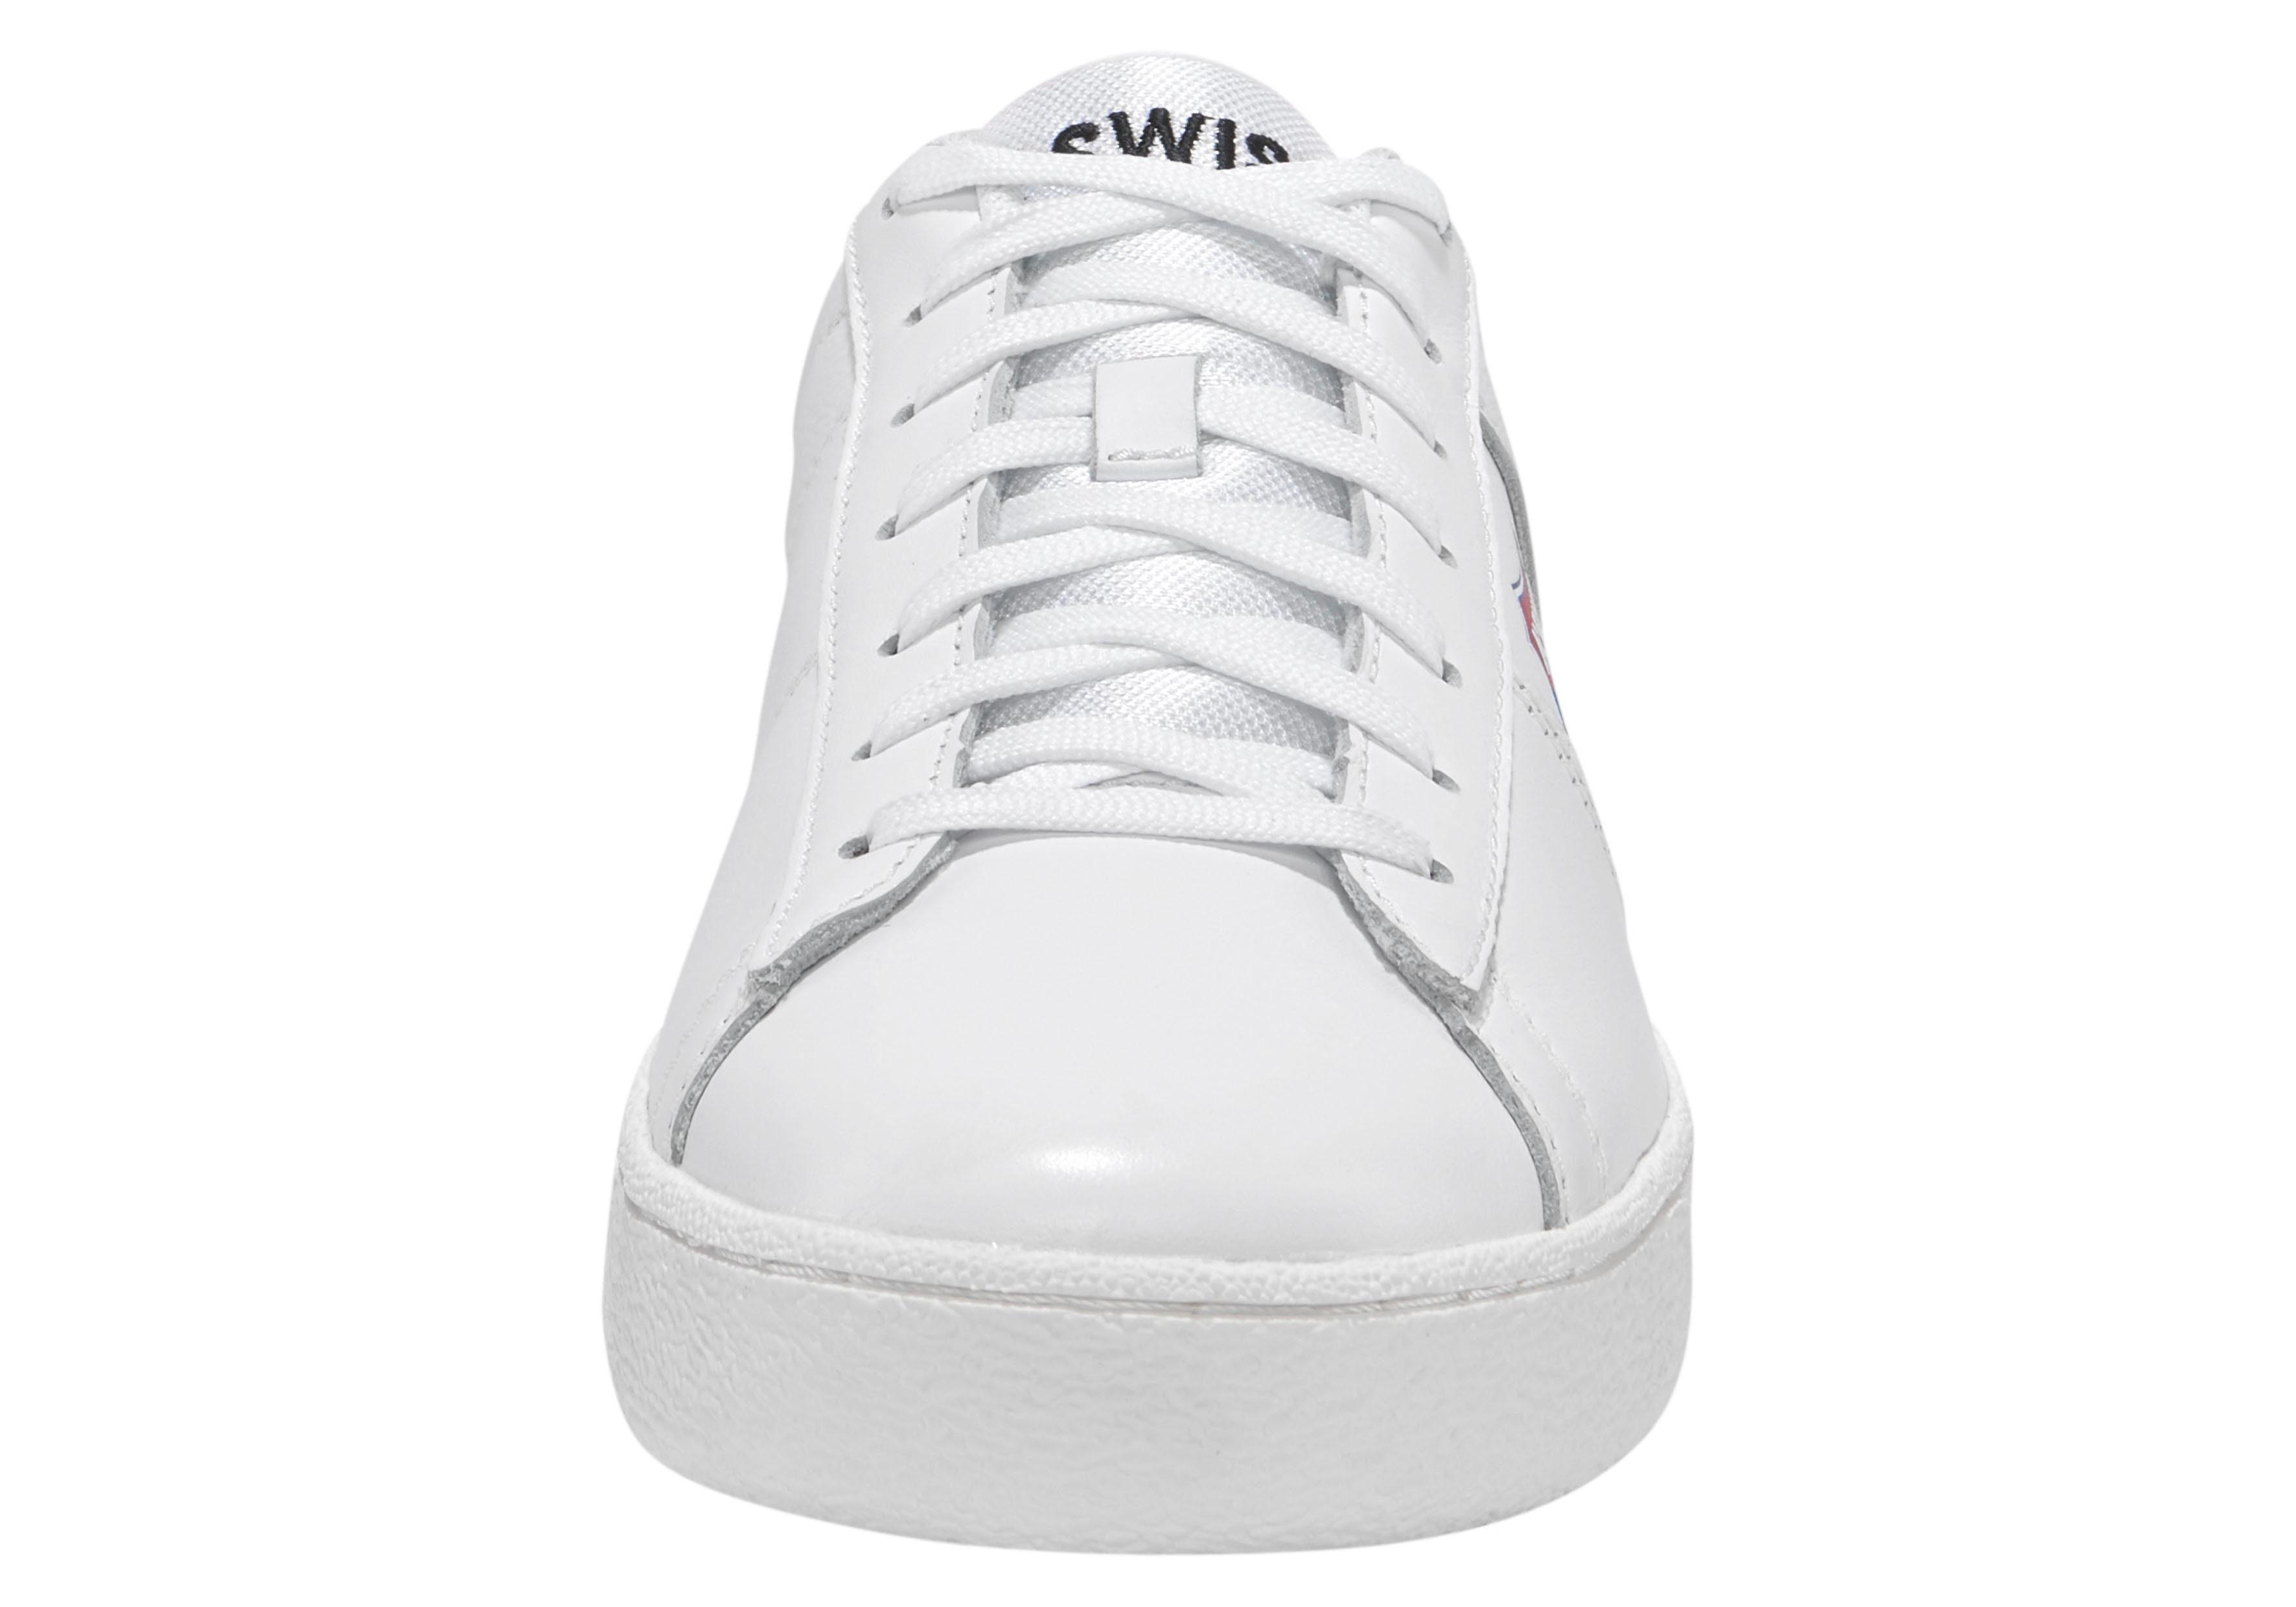 K-swiss Sneakers Makkelijk Gekocht - Geweldige Prijs